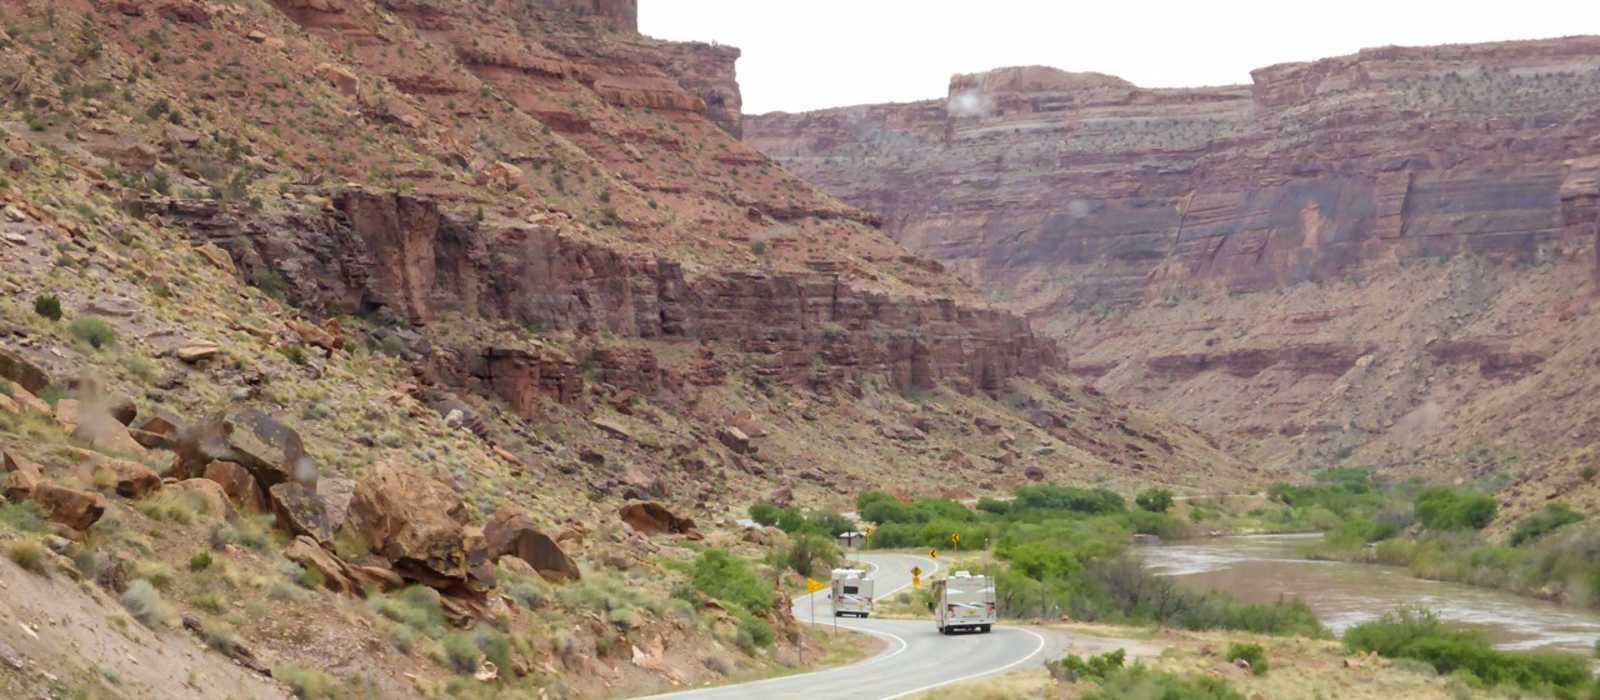 Der Scenic Highway 128